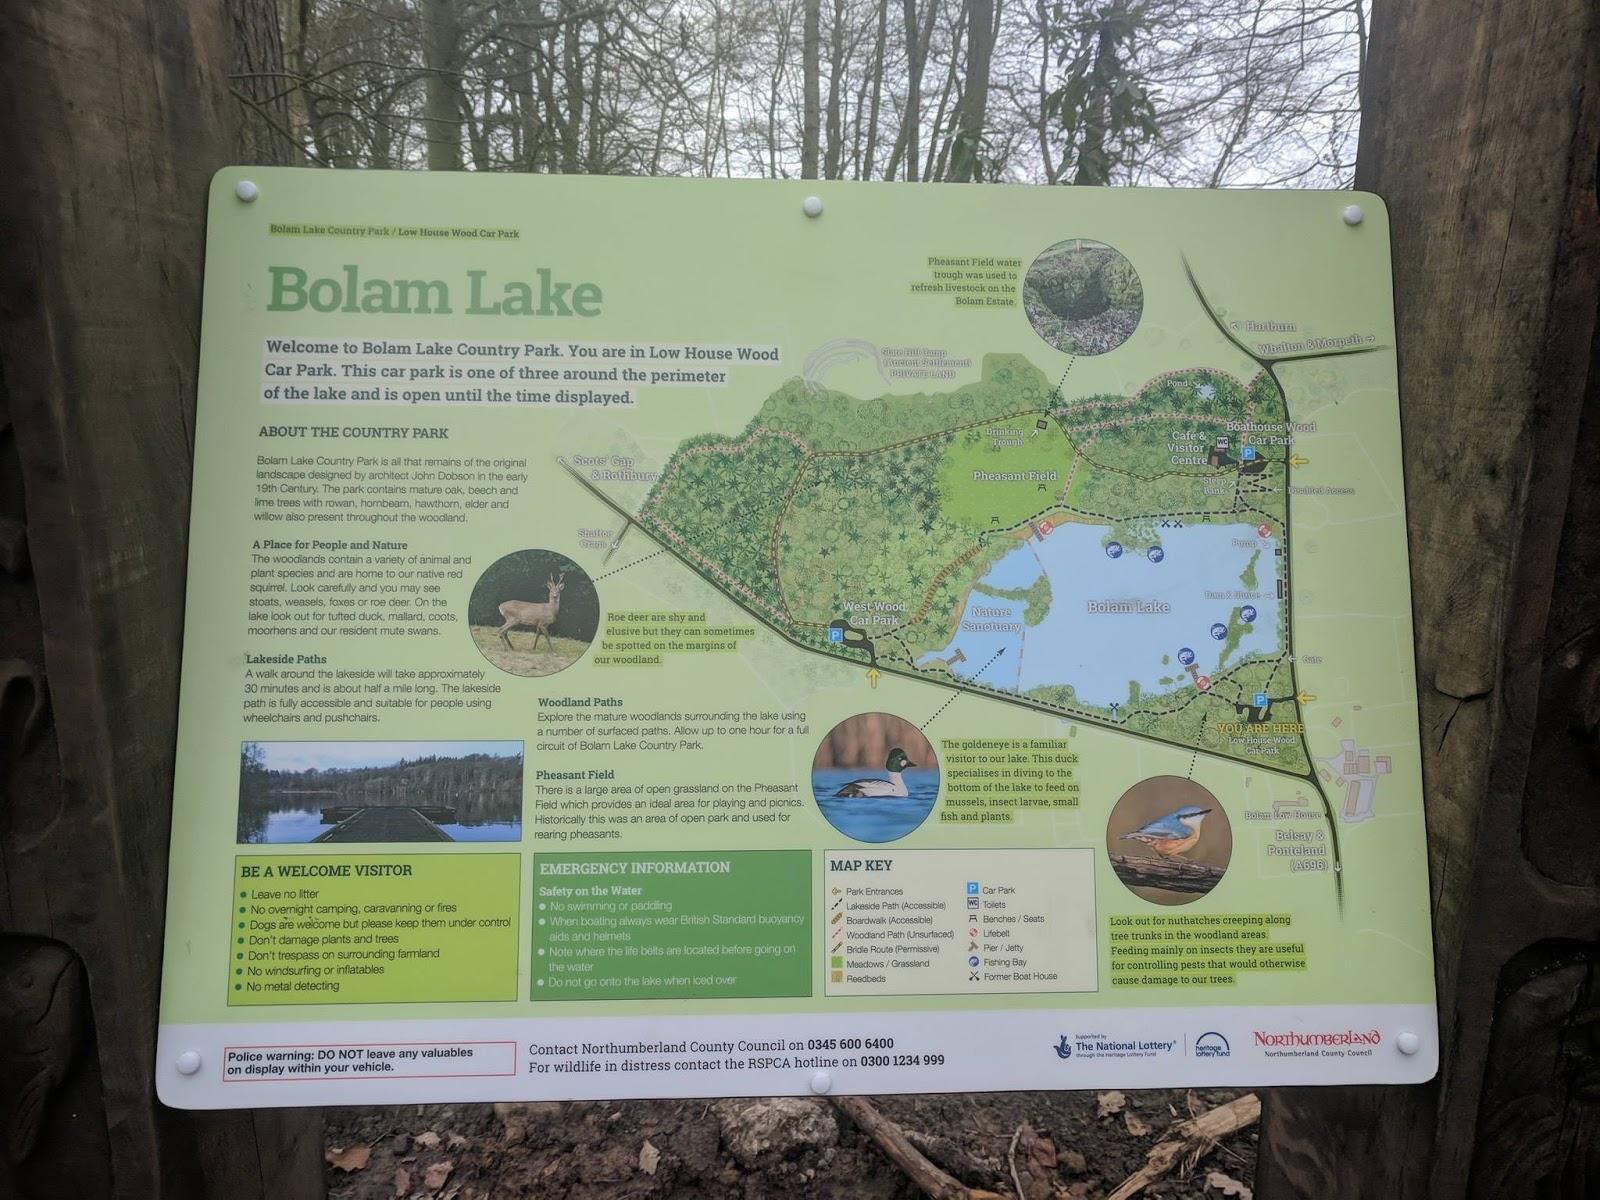 A Guide to Visiting Bolam Lake, Northumberland  - bolam lake map